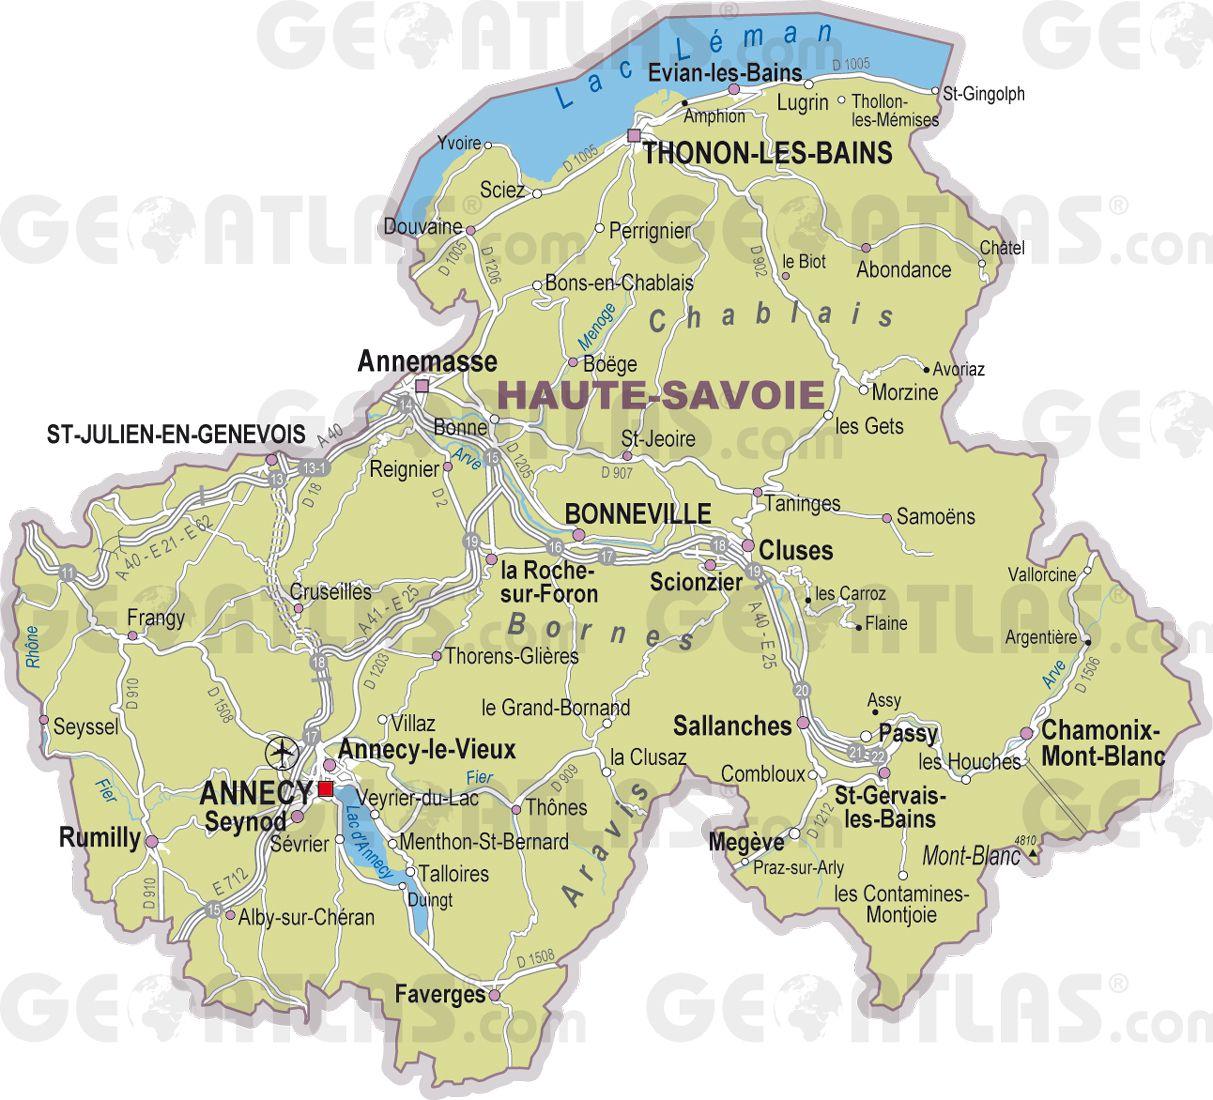 Plan Cul Gay Draguignan Plan Cul Gay Loiret / Gay Troyes